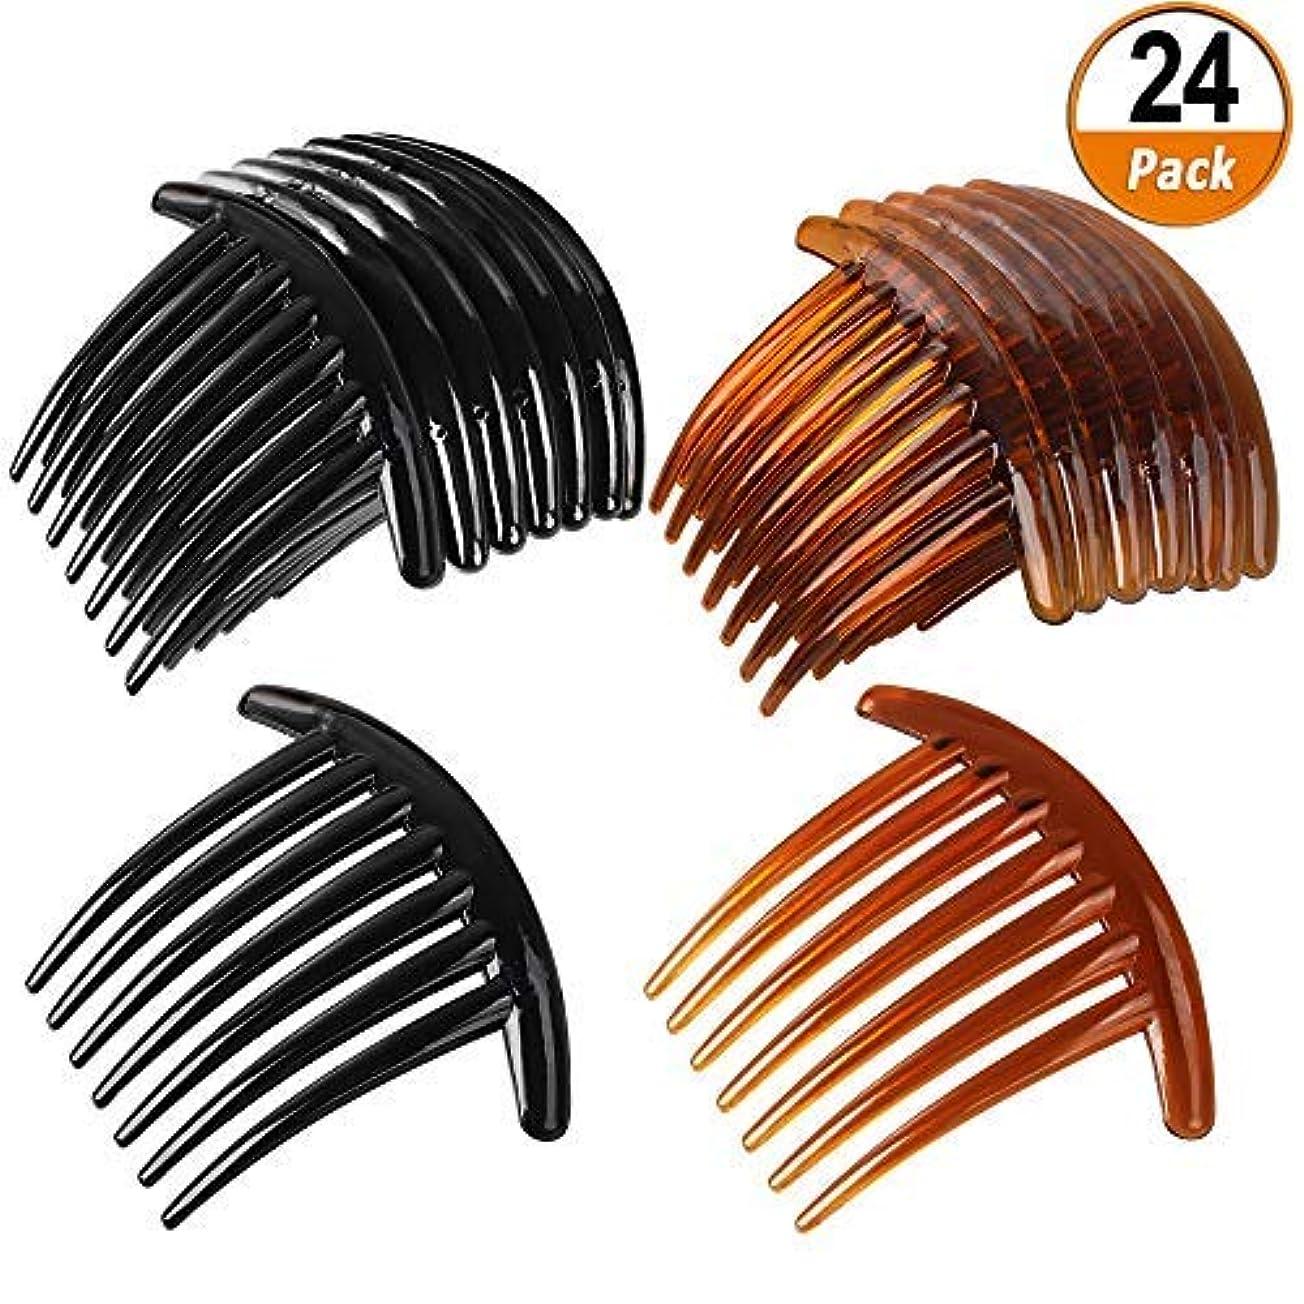 ナインへシロクマ中世の24 PCS 7 Tooth French Twist Comb Plastic Hair Clip Hair Side Combs Hair Accessory for Women Girls (Black and Brown...